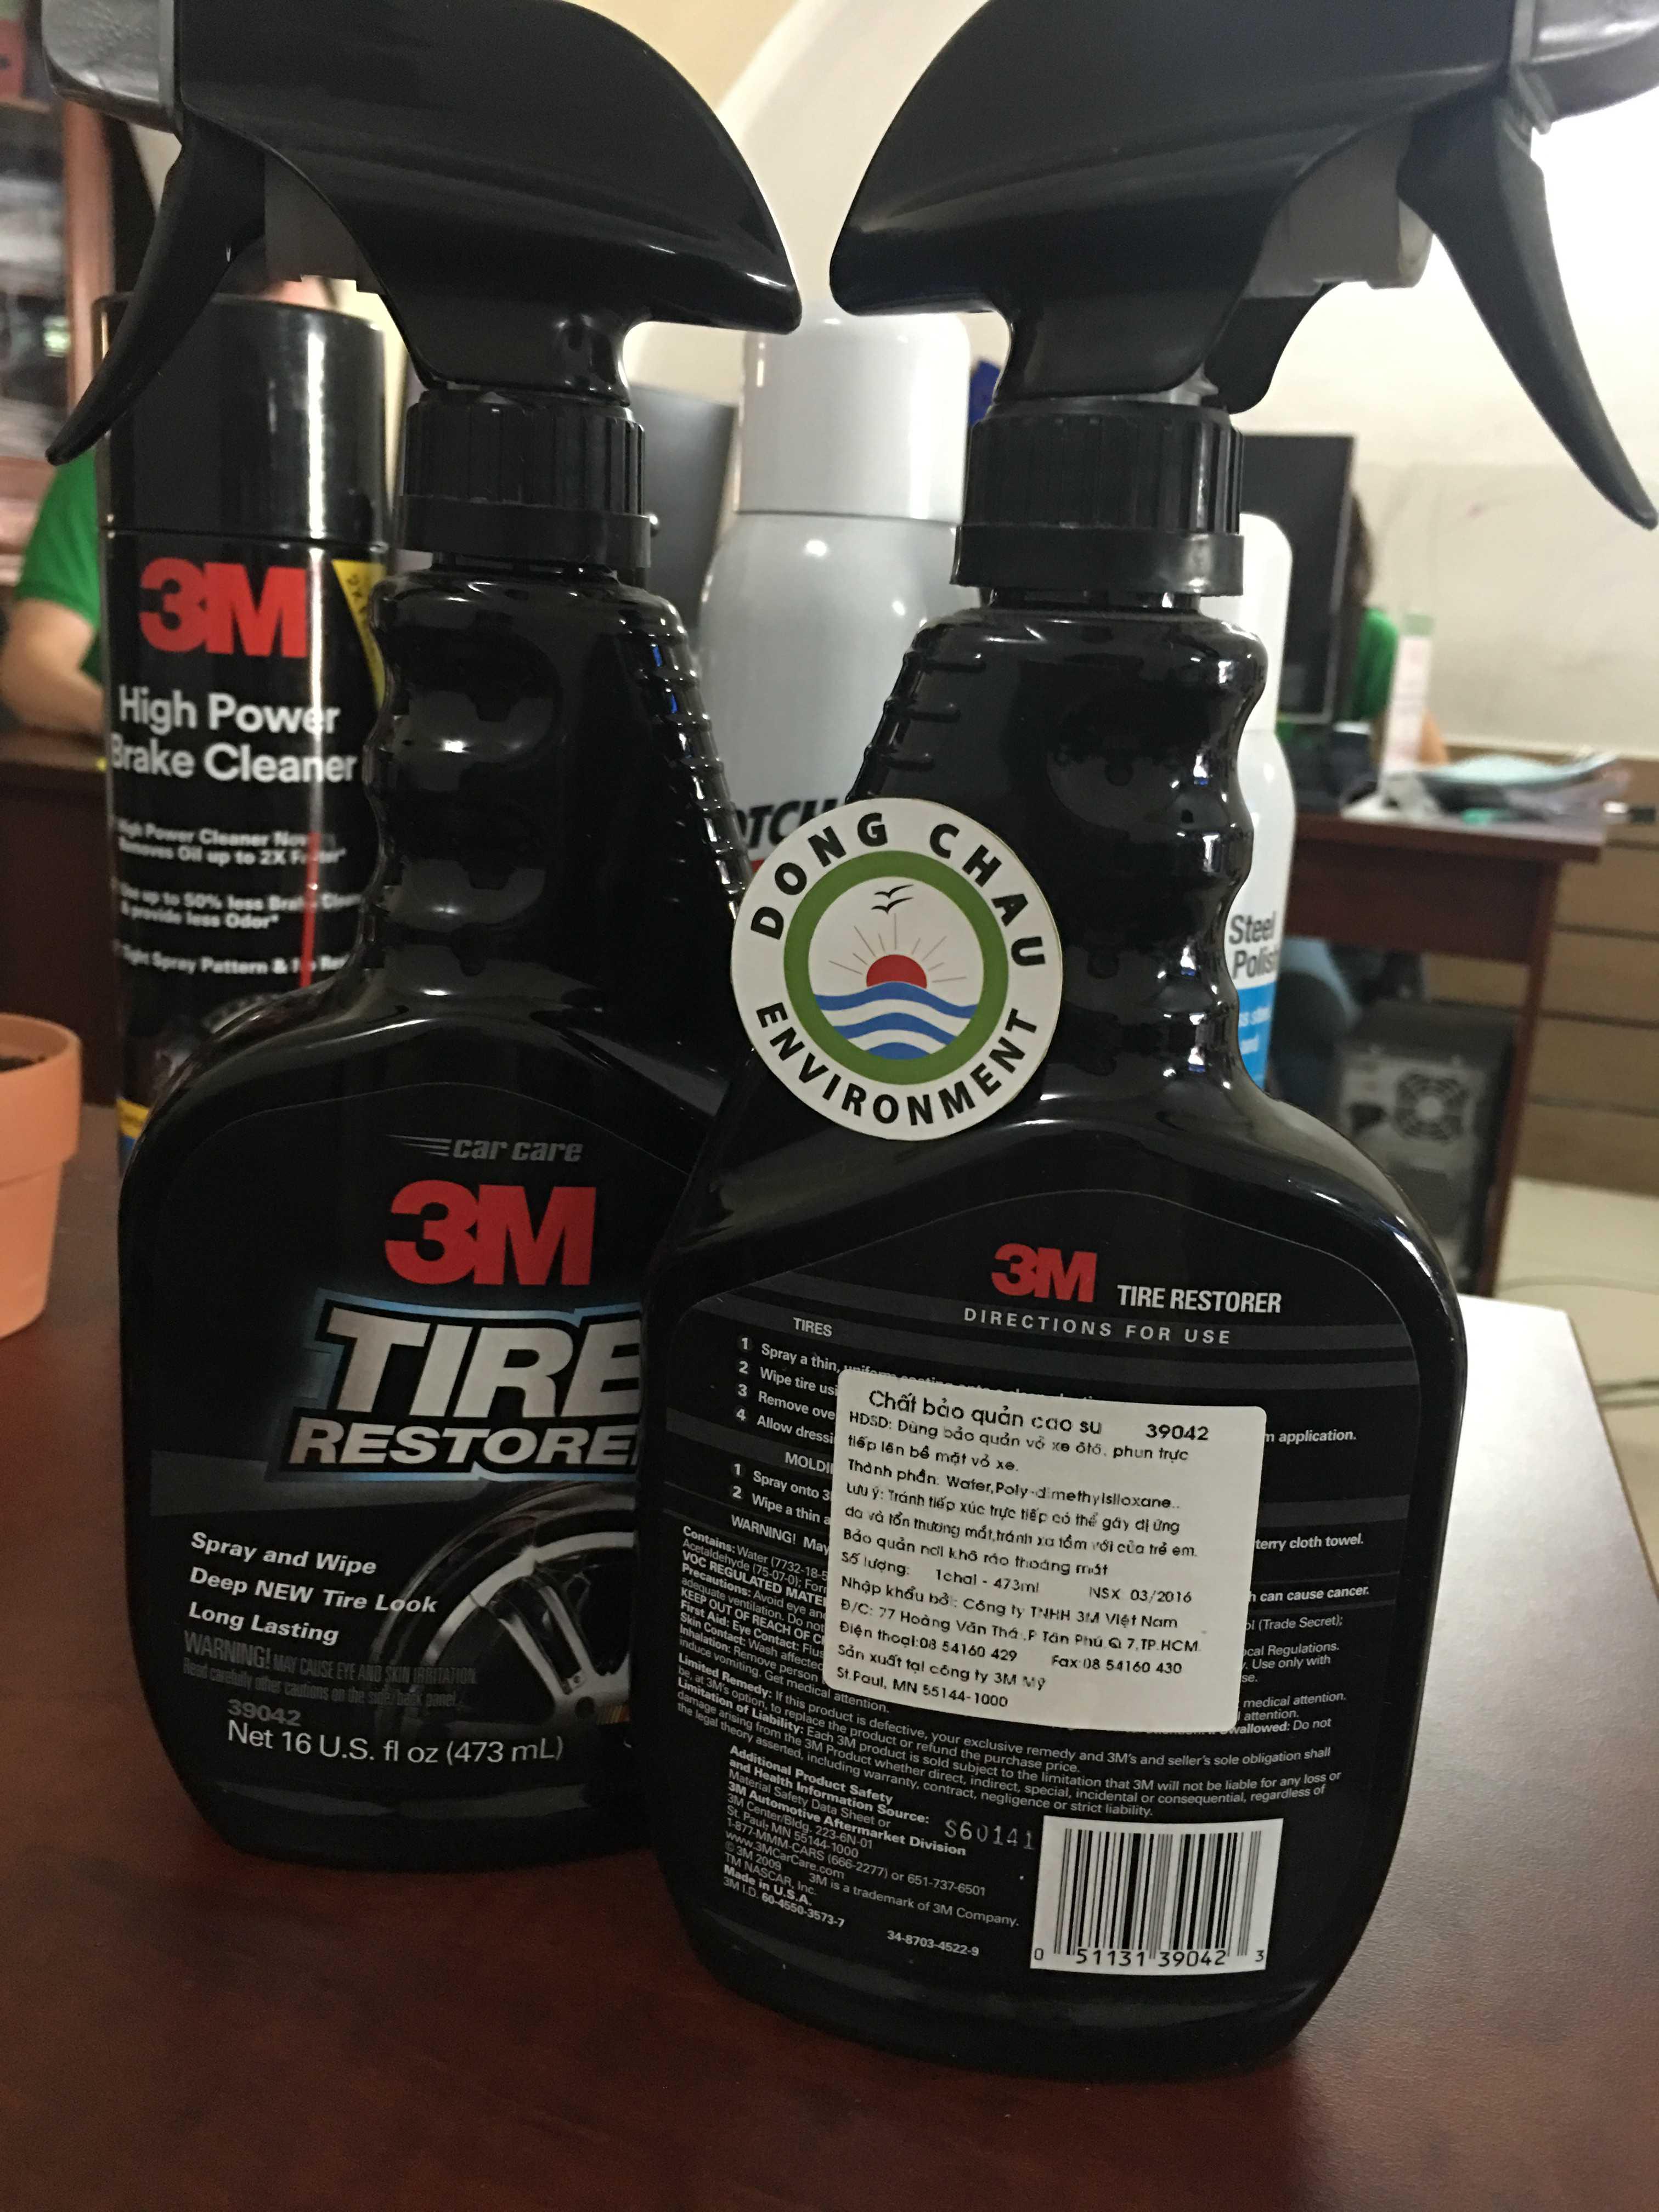 Chai xịt bảo vệ lốp xe, vỏ xe ô tô 3M 39042